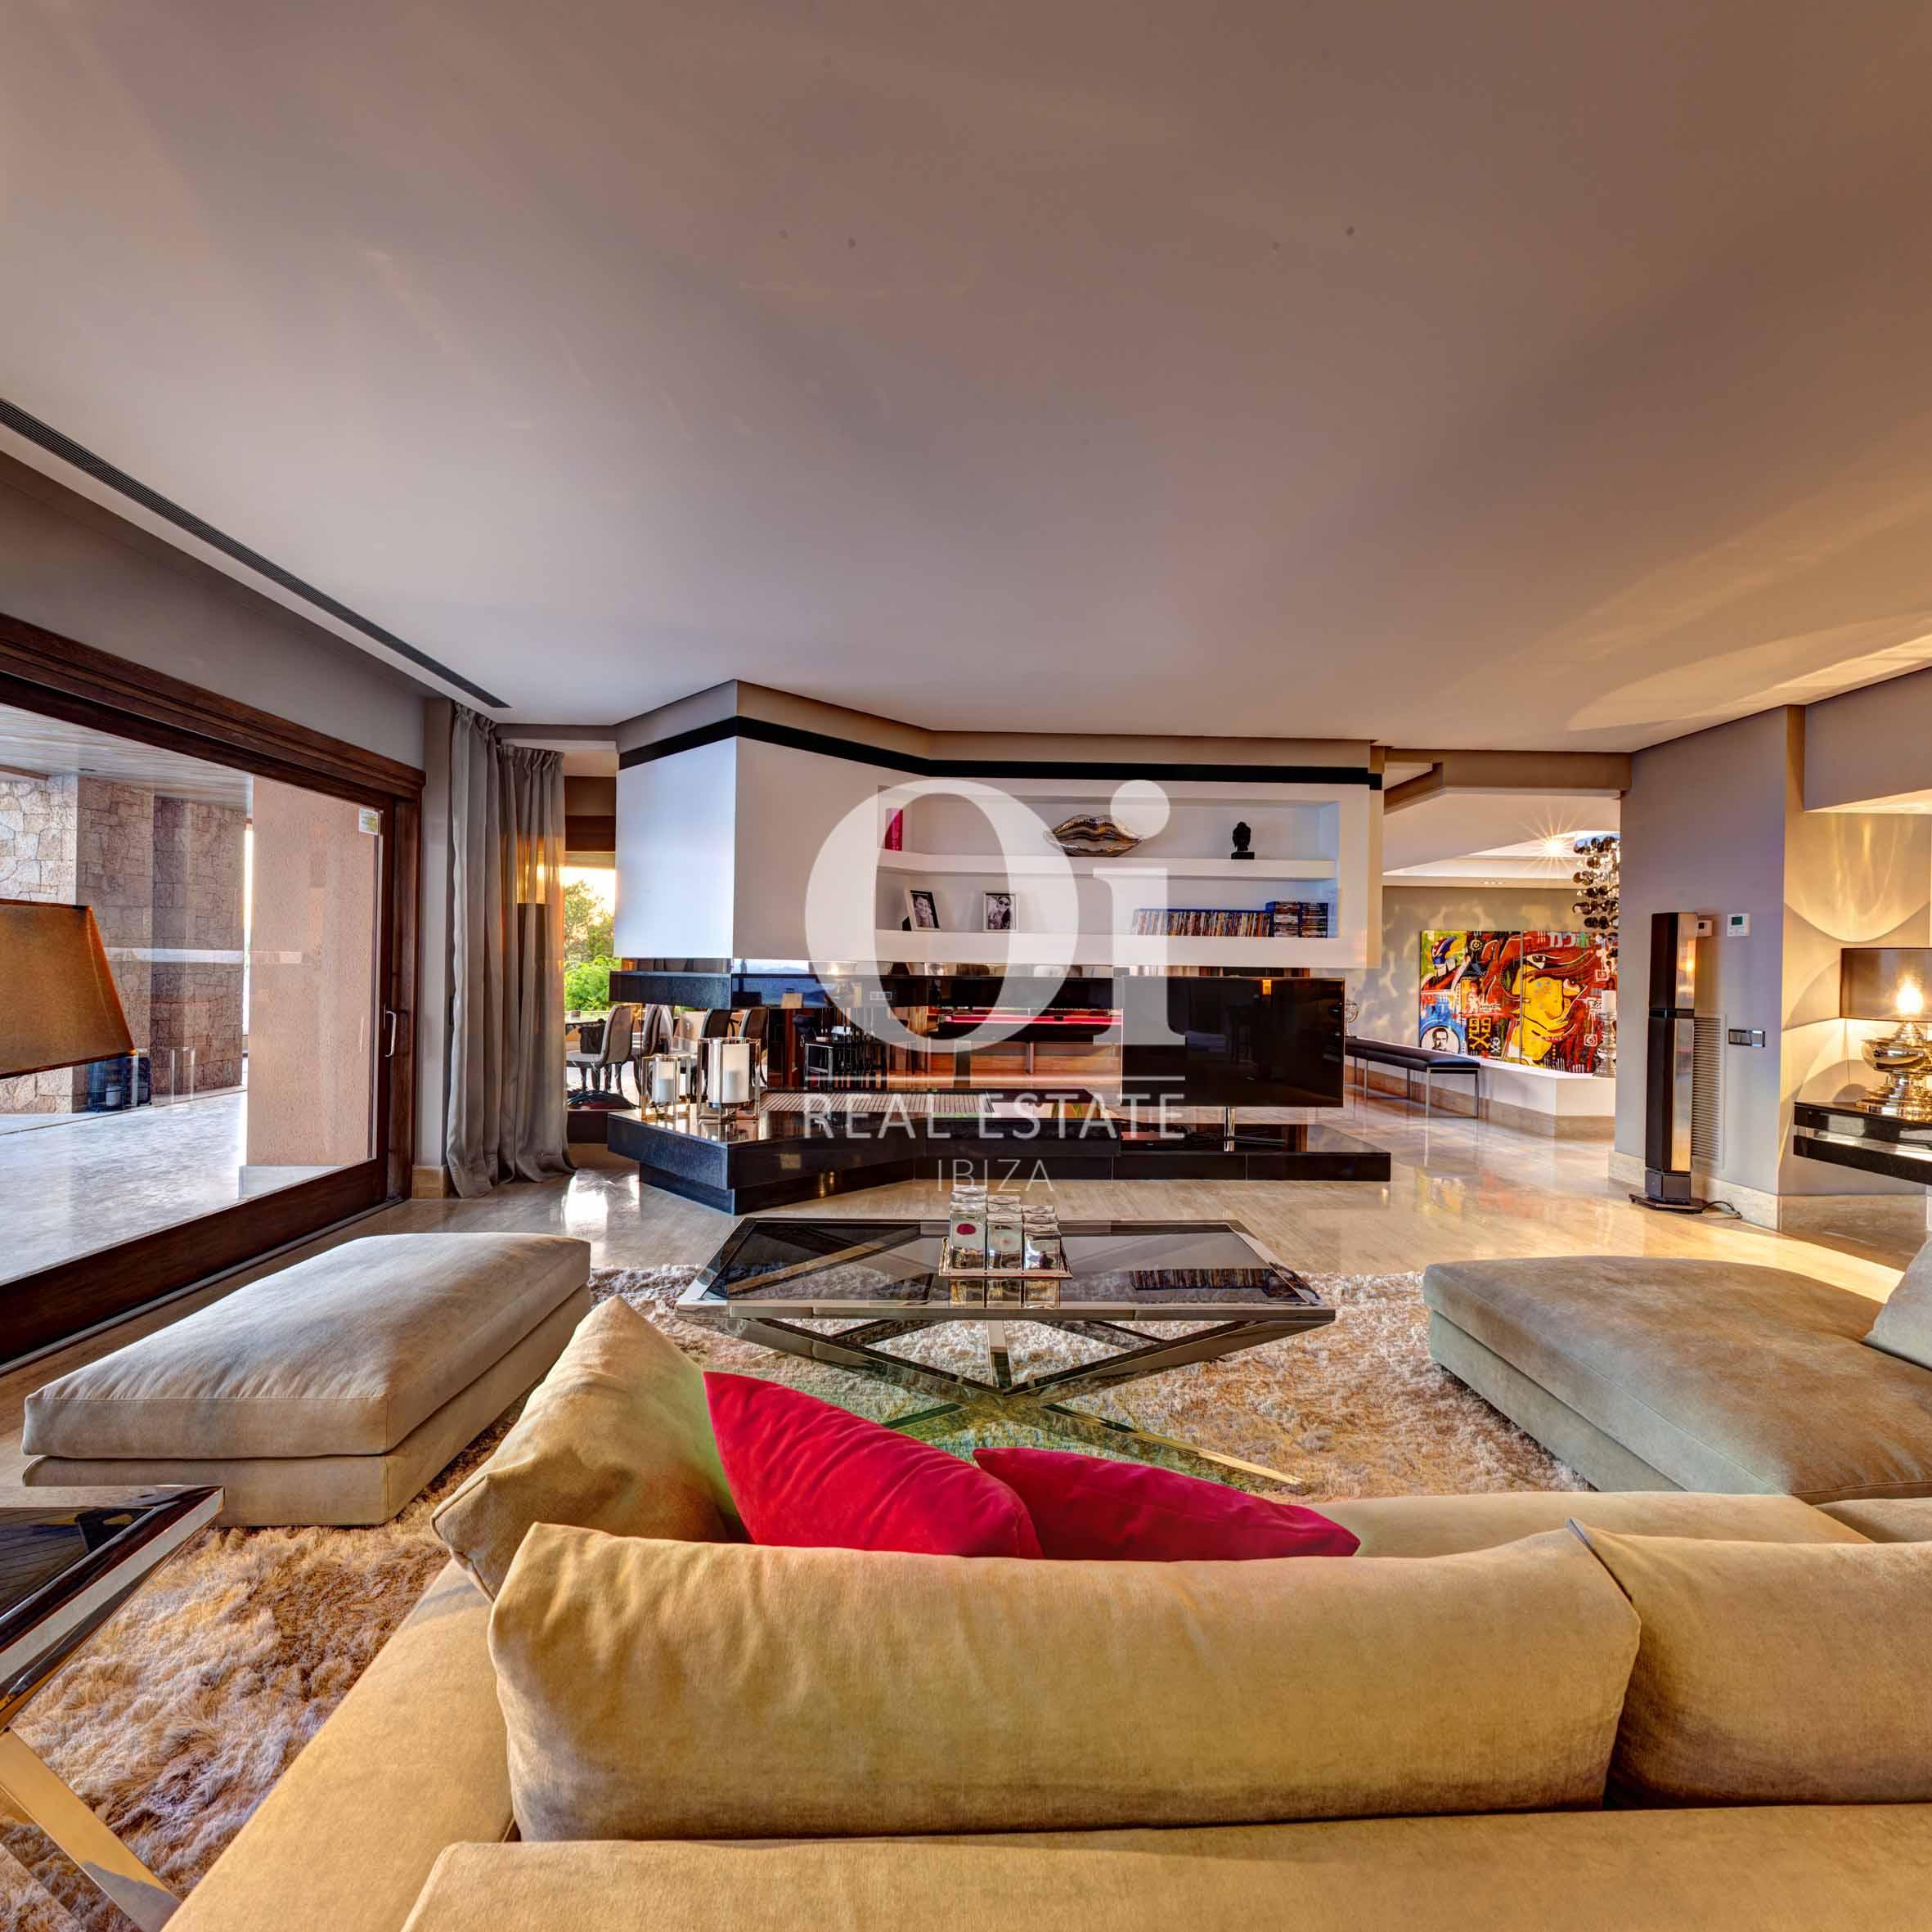 Гостиная на вилле, доступной для арендования в летний период в г. Хесус, Ибица